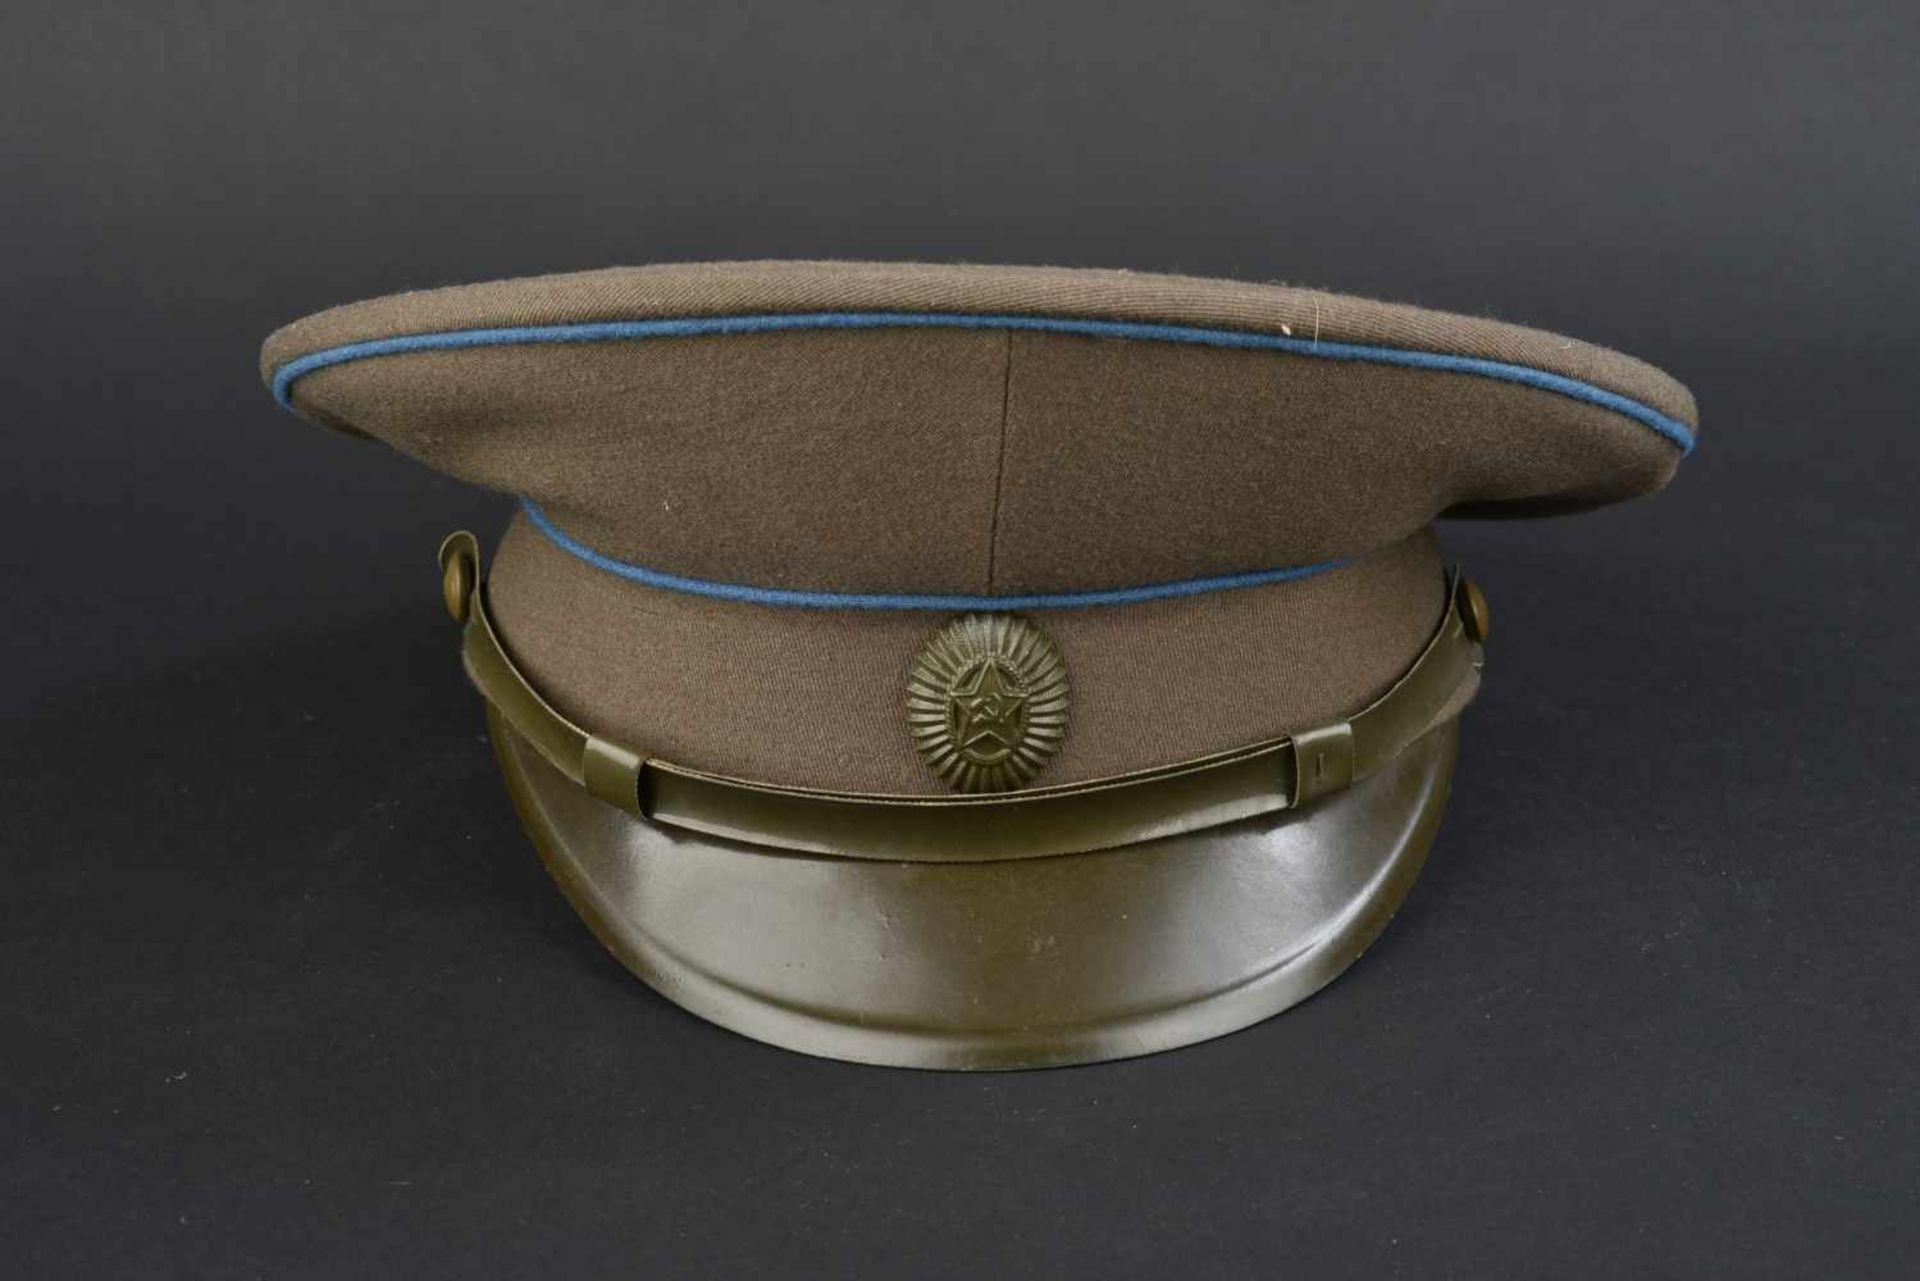 Casquette combat de général soviétique de l'armée de l'air En tissu kaki, double liseré bleu.